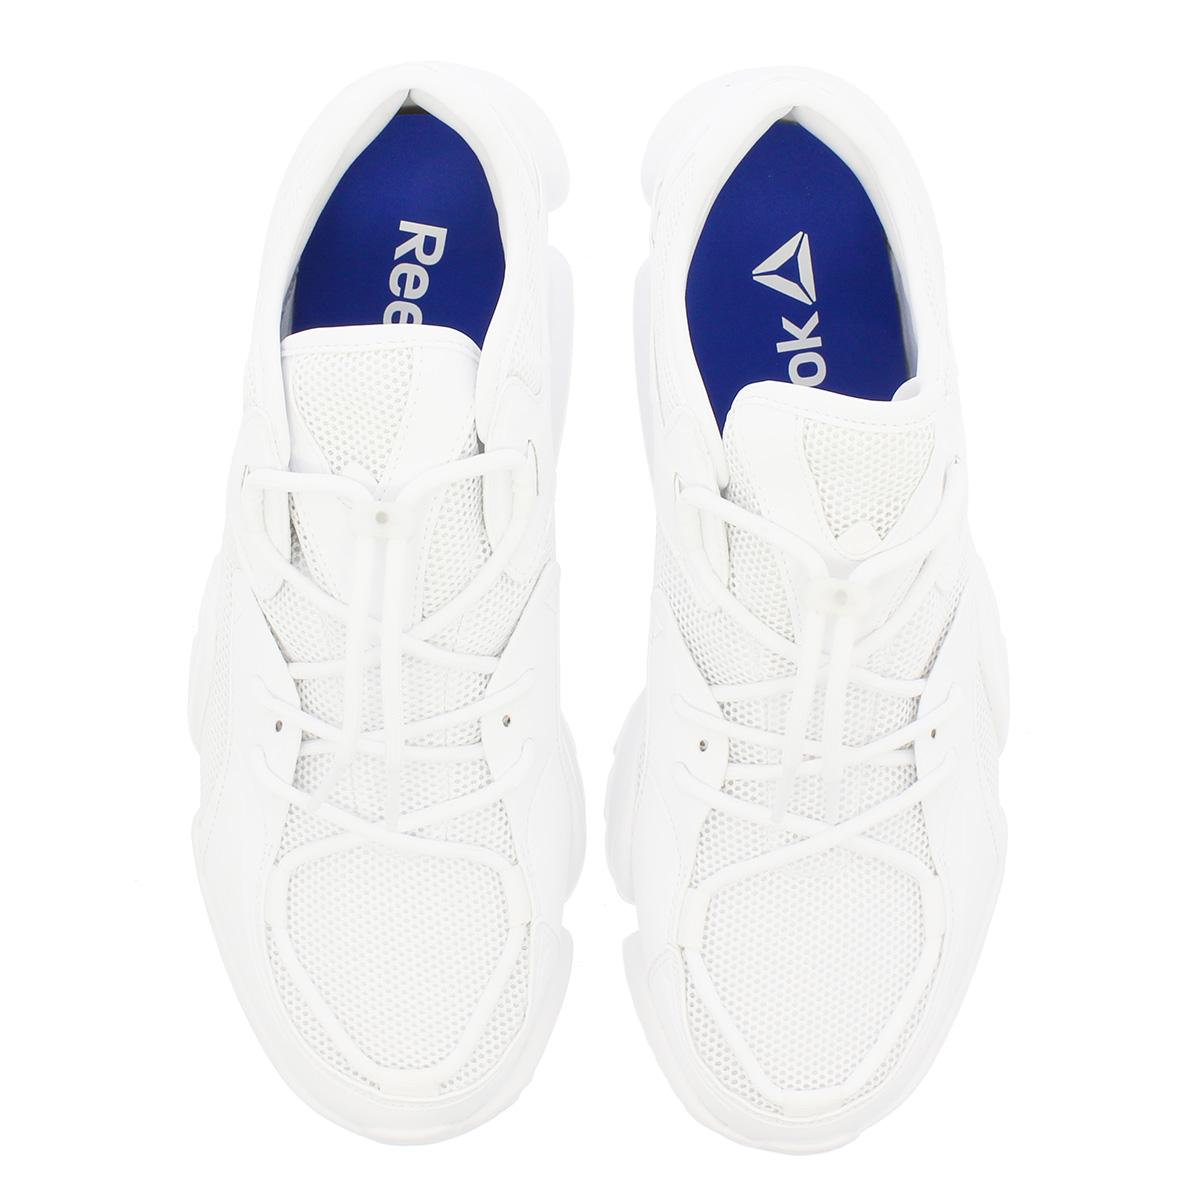 a241a669f28d5 SELECT SHOP LOWTEX  Reebok RUN R96 Reebok orchid R96 WHITE BLUE MOVE ...